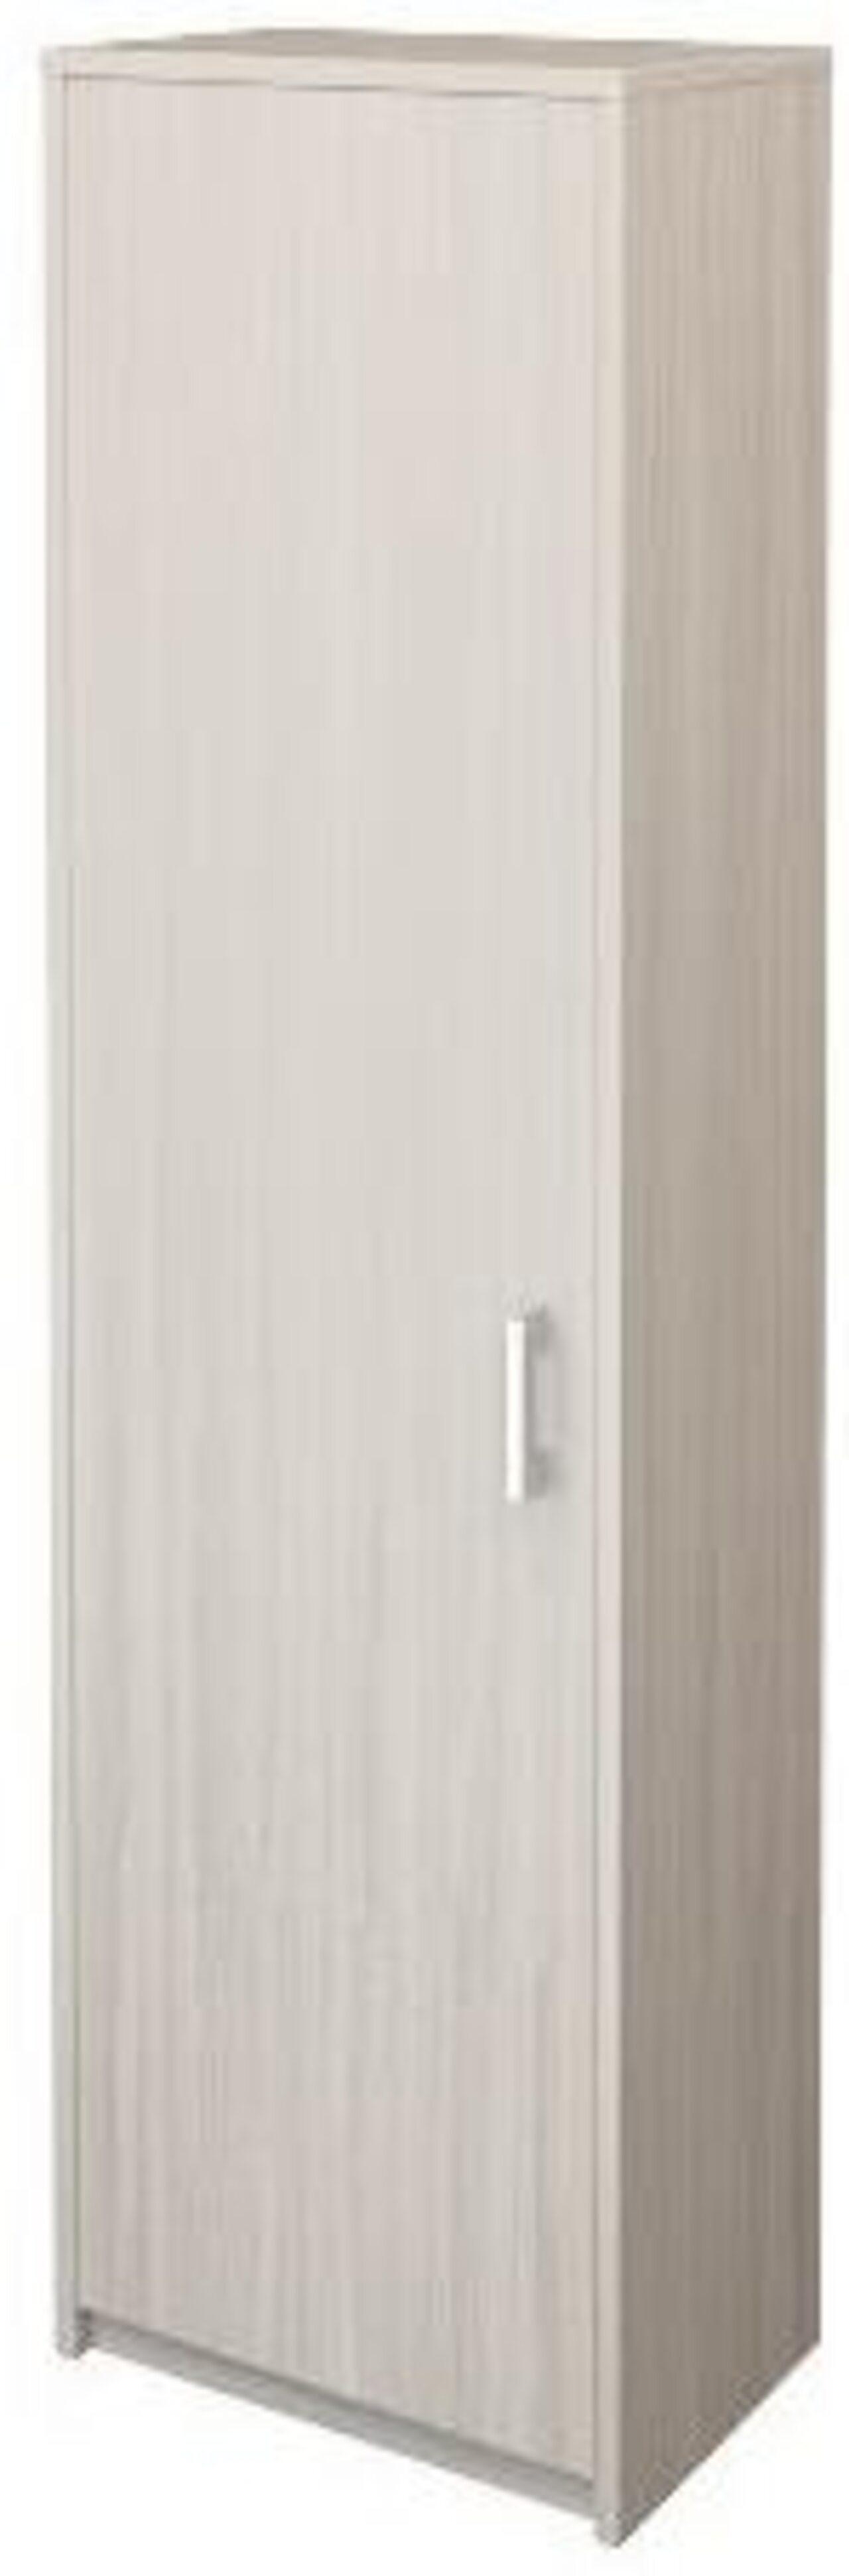 Шкаф для одежды  Арго 56x37x200 - фото 6